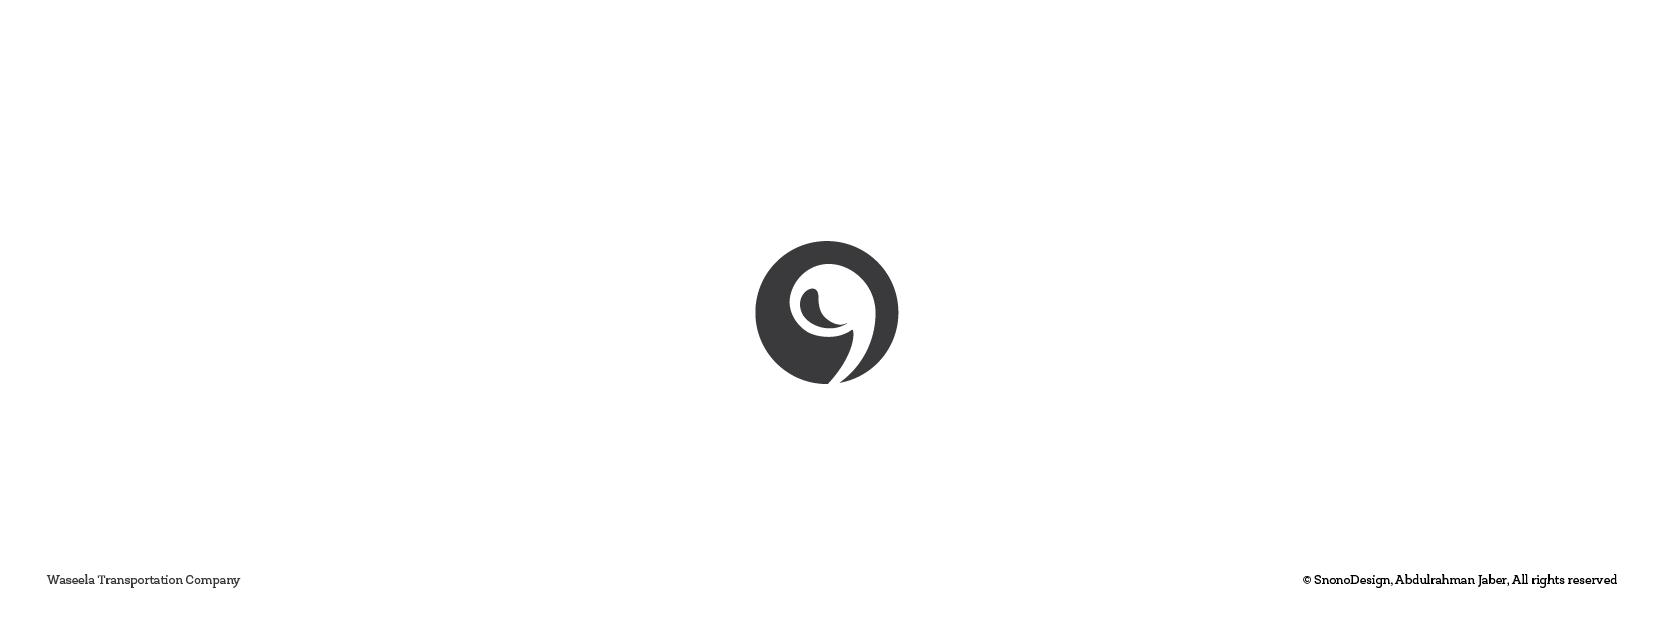 Logos 2002 - 2016 -2-19.png